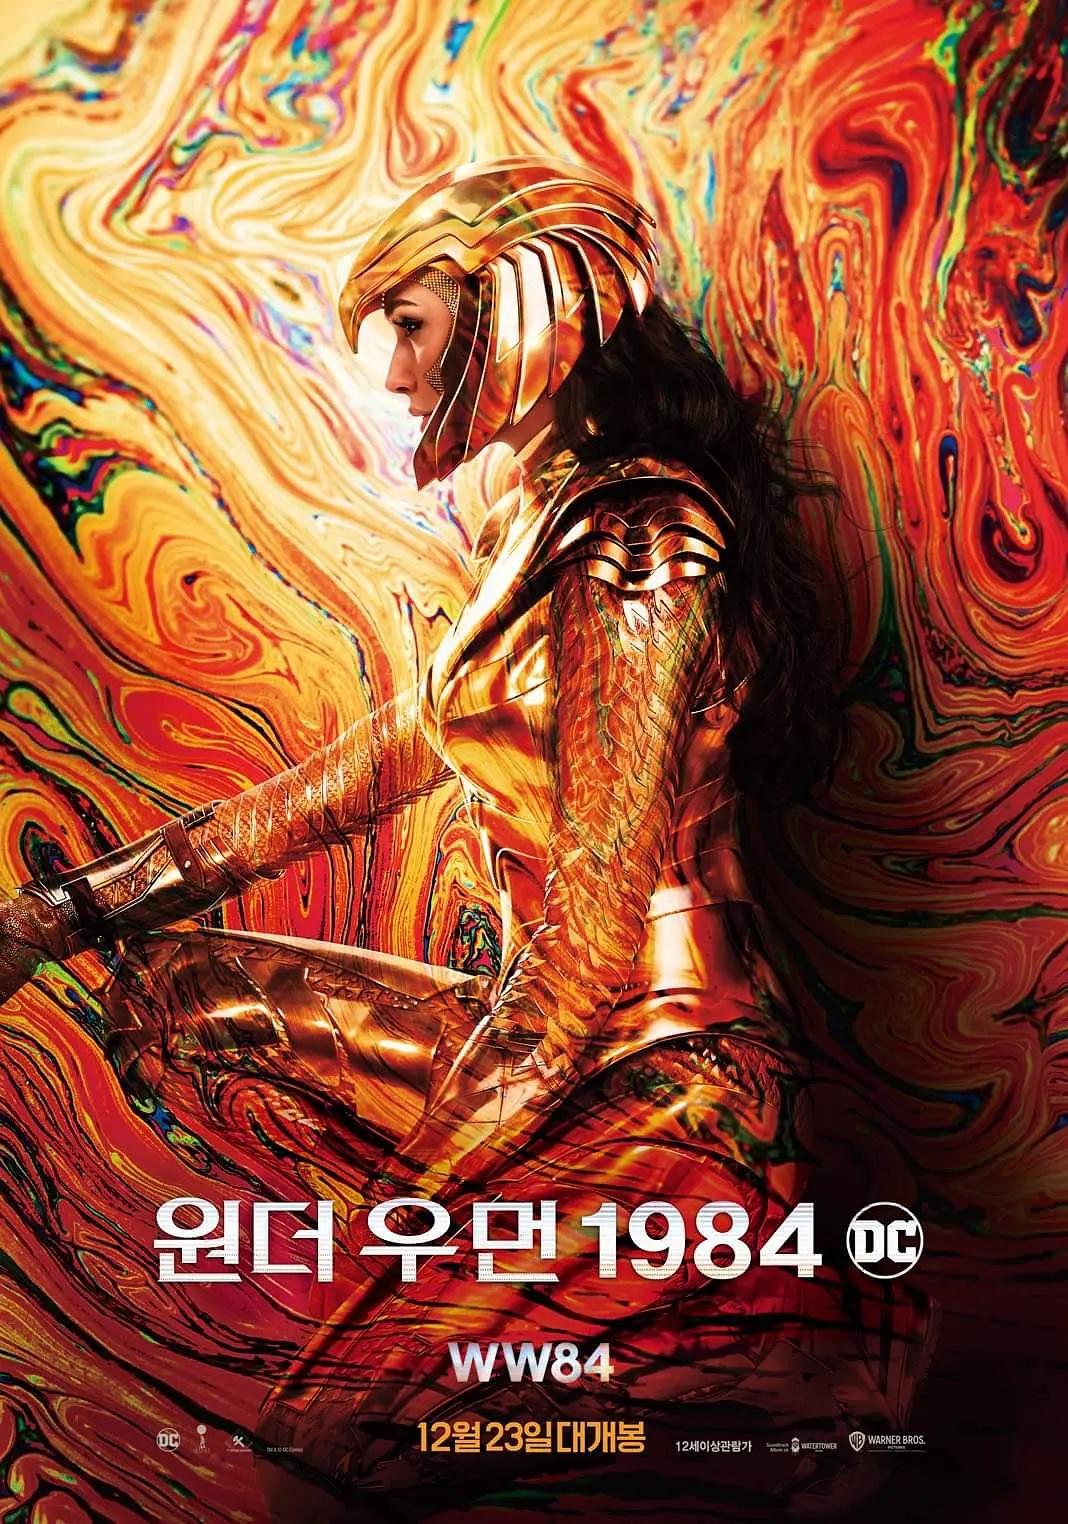 用超多案例,帮你了解《神奇女侠1984》背后的顶级设计机构BOND